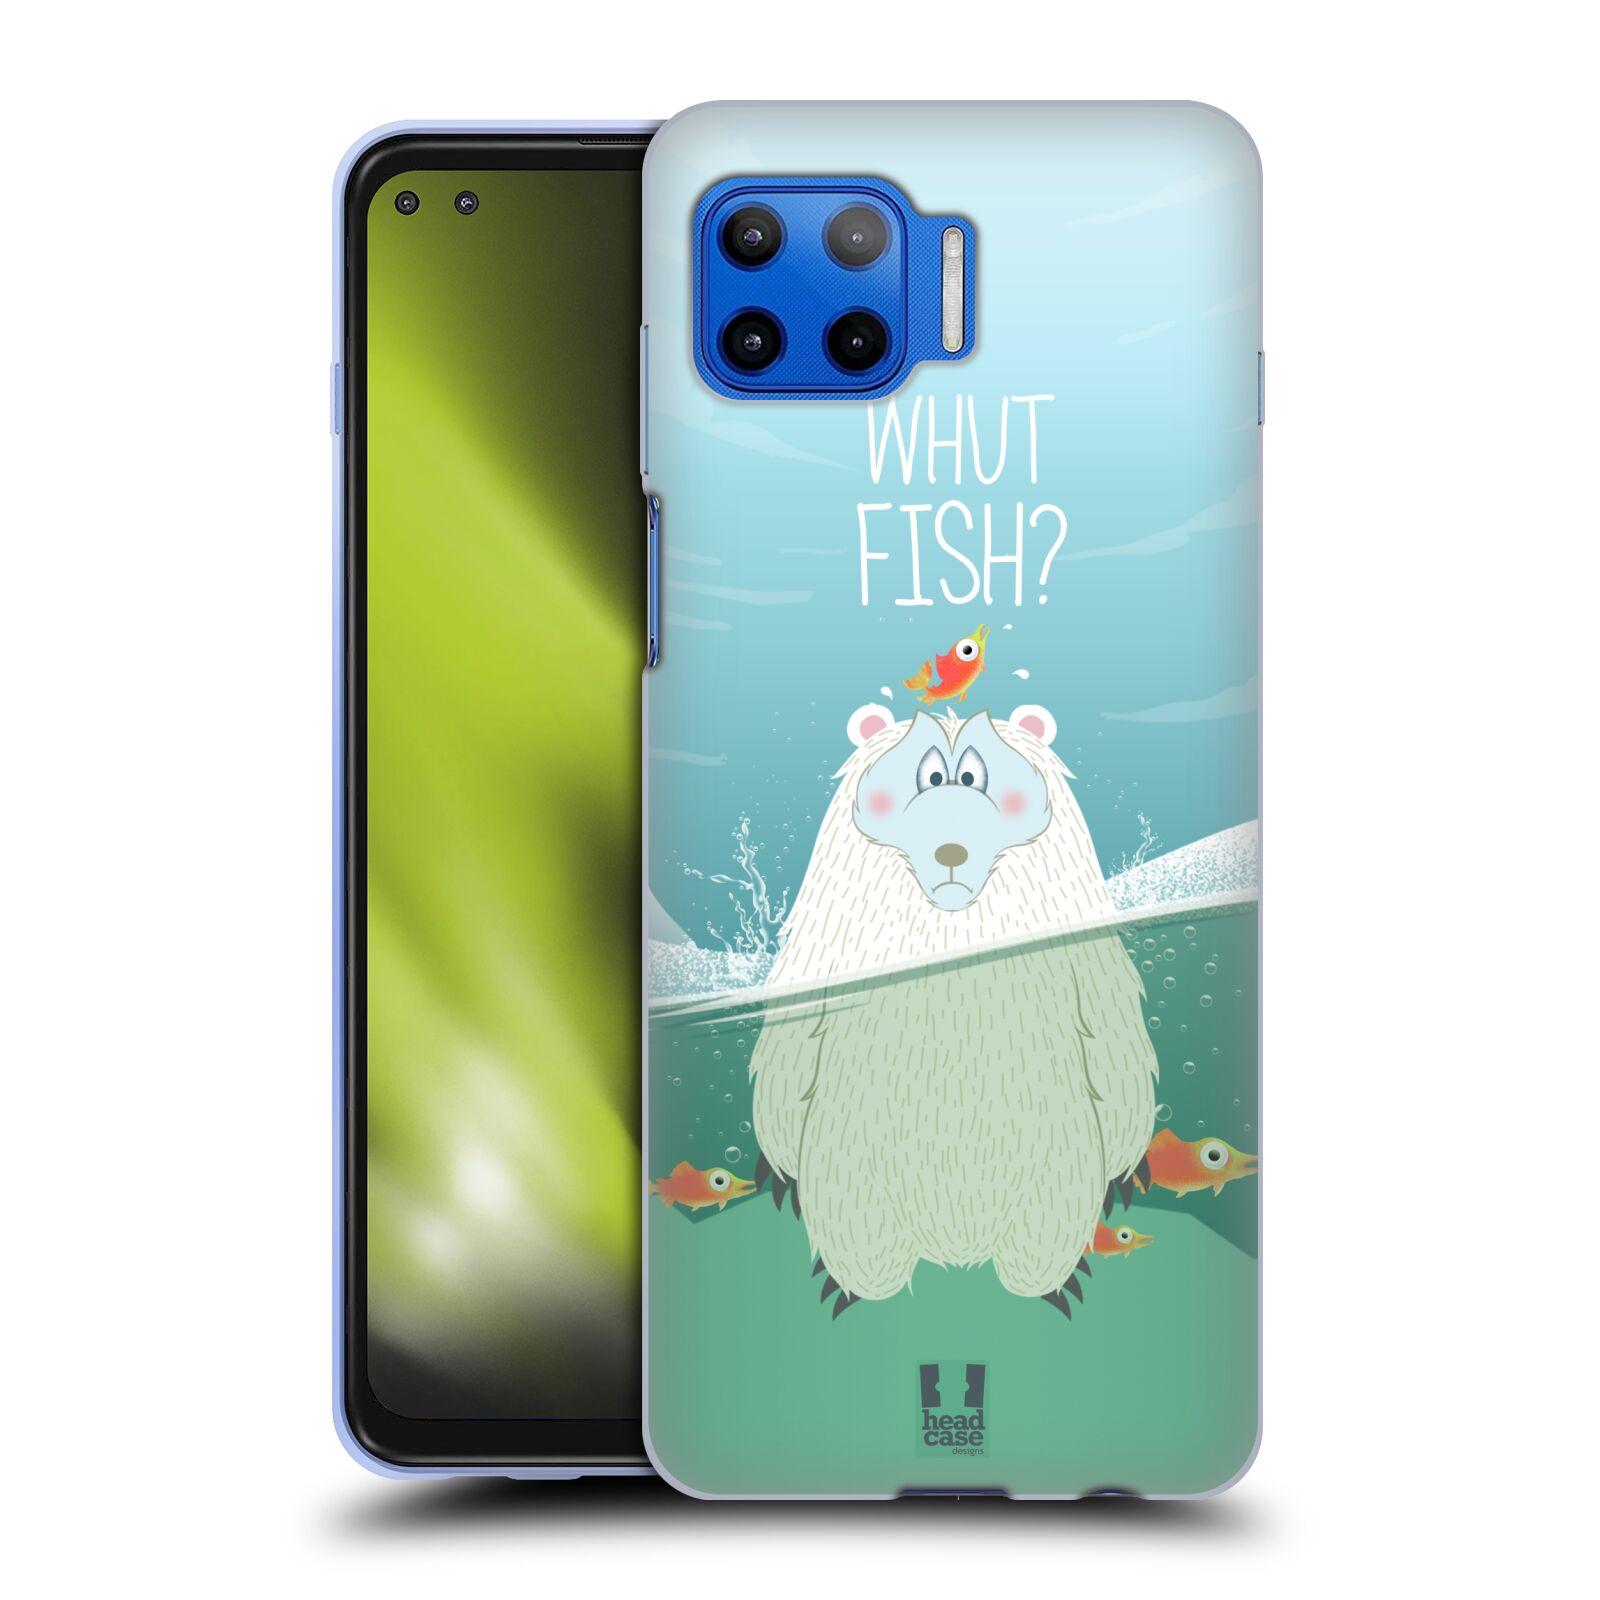 Silikonové pouzdro na mobil Motorola Moto G 5G Plus - Head Case - Medvěd Whut Fish?